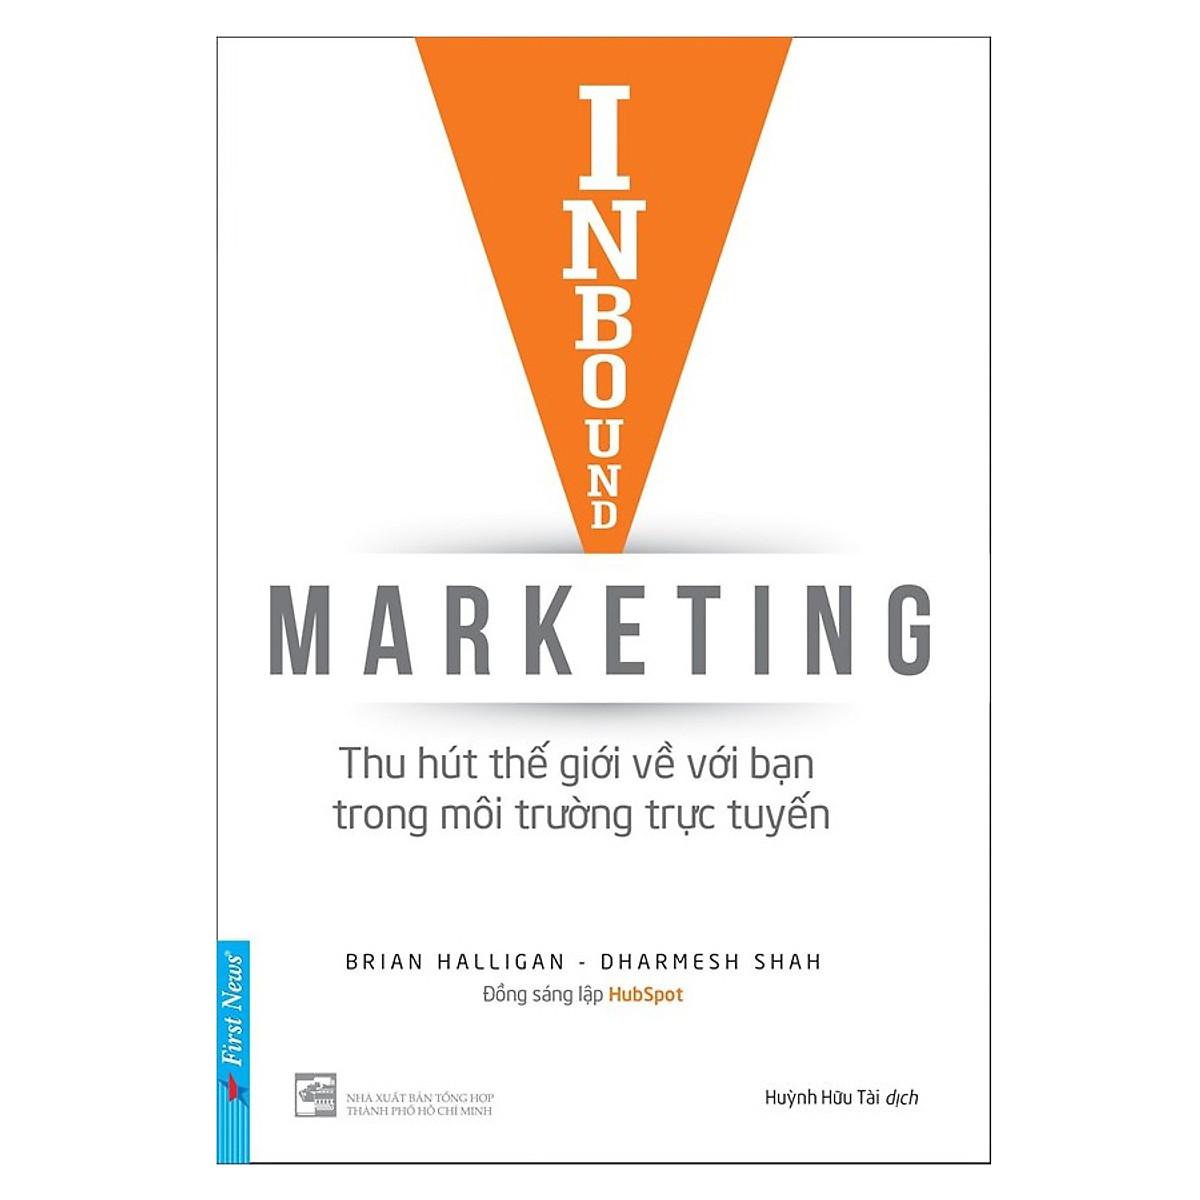 Deal Giảm Giá Inbound Marketing - Thu Hút Thế Giới Về Bạn Trong Môi Trường Trực Tuyến